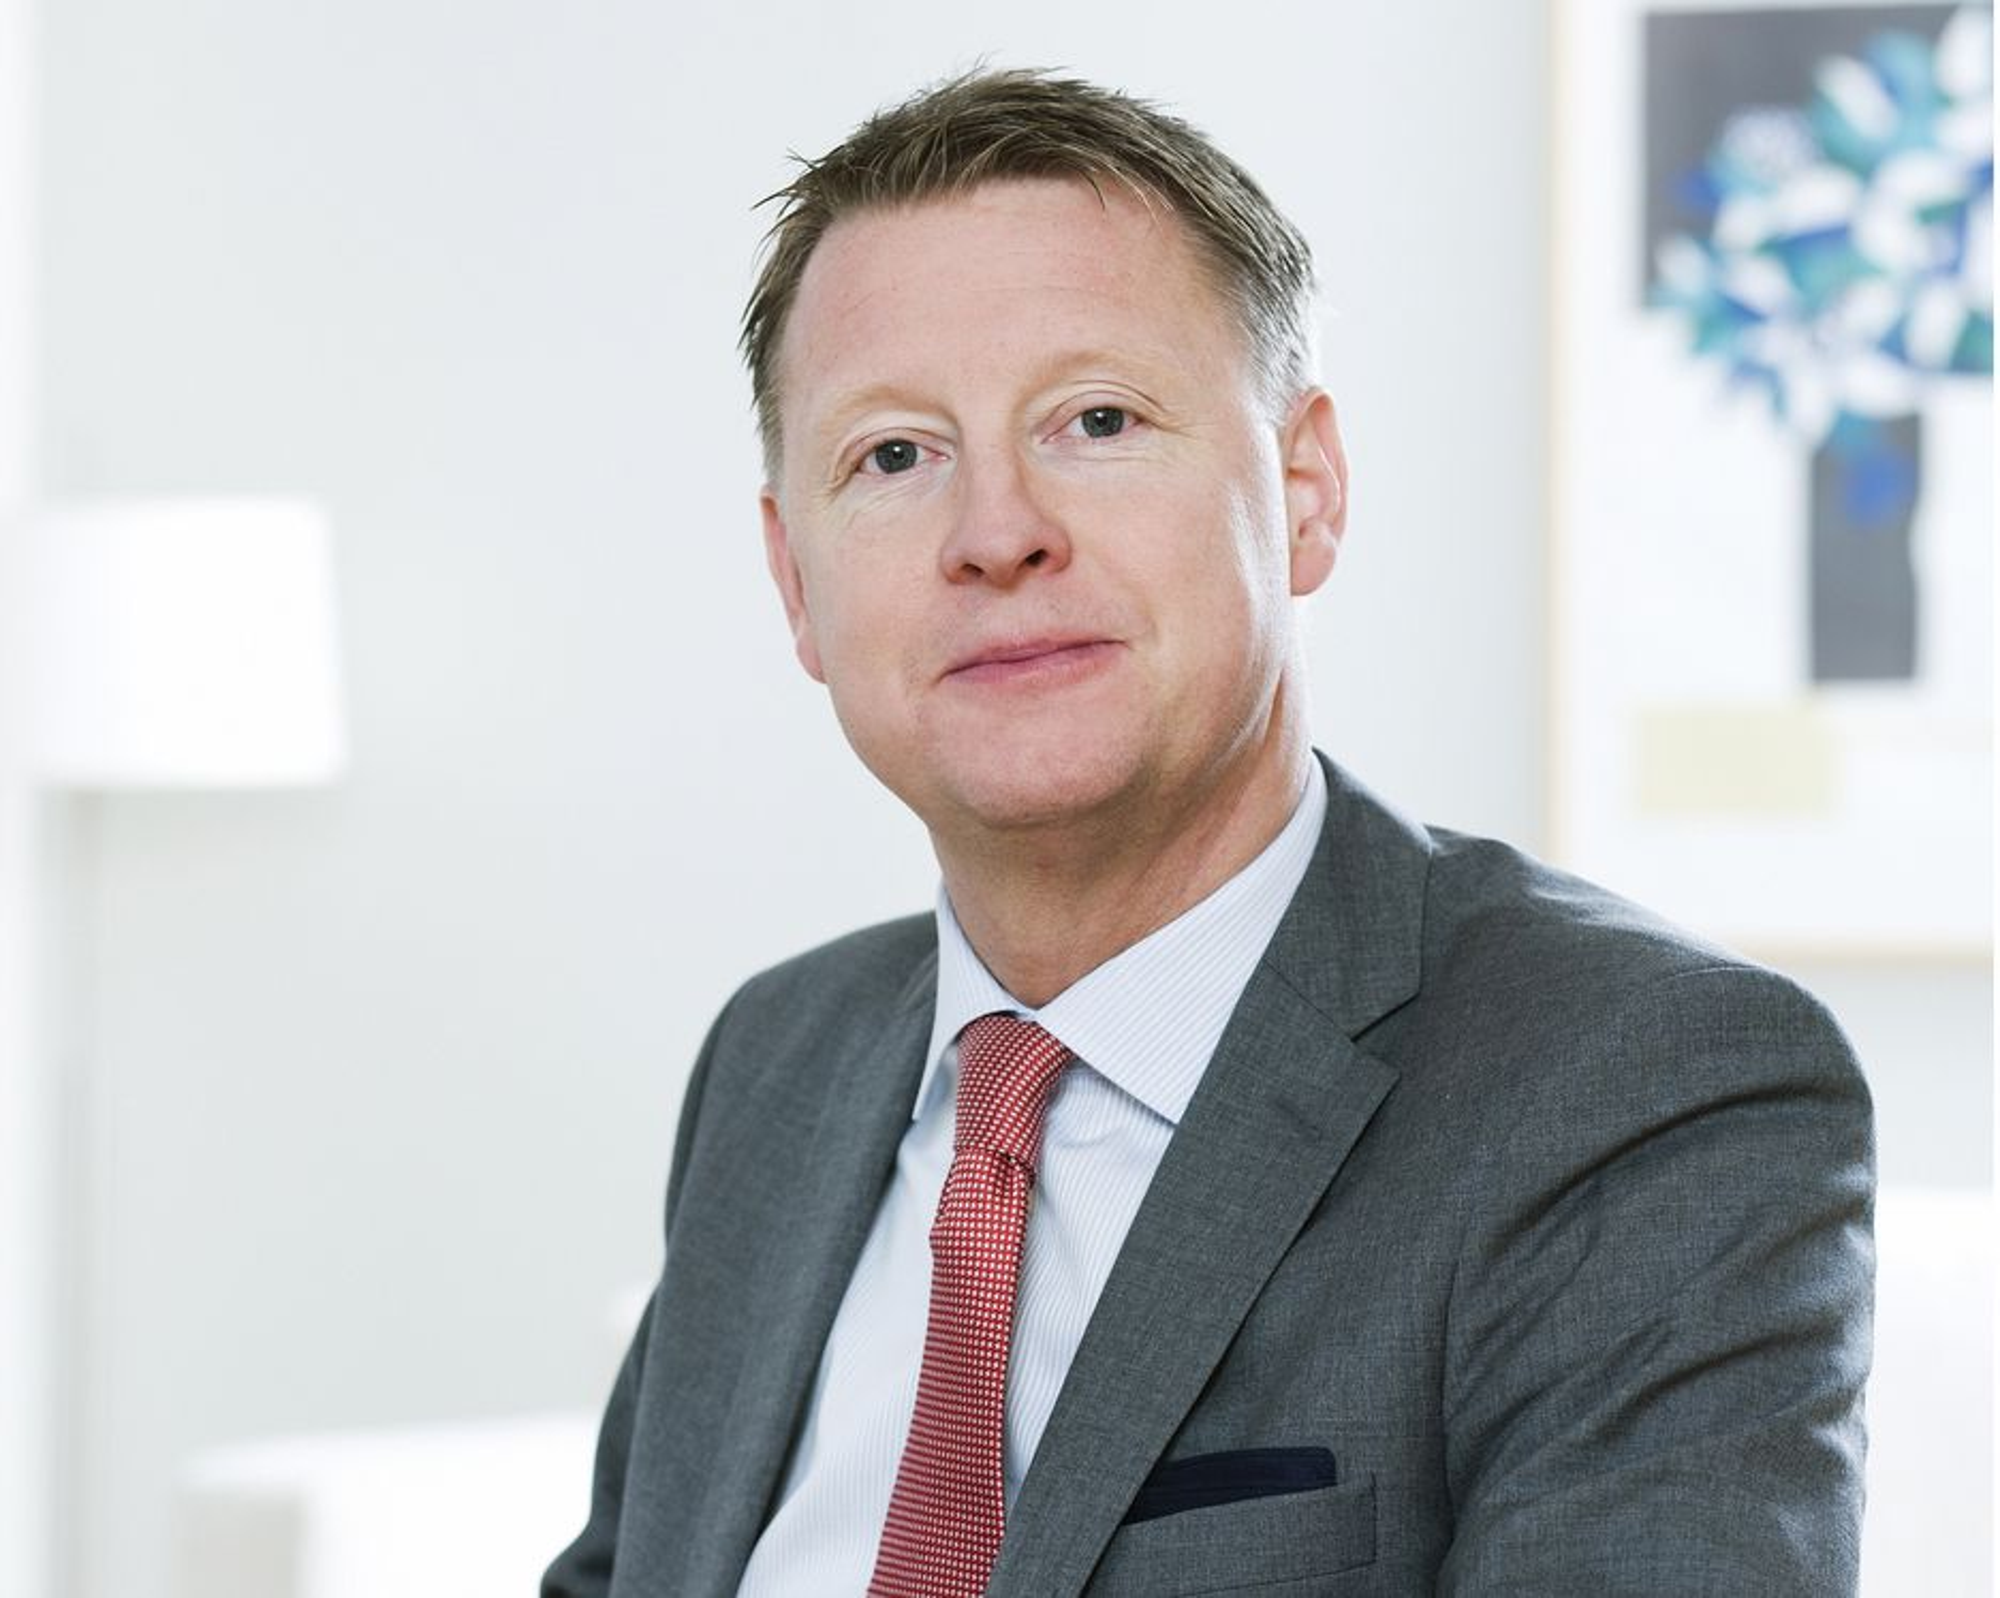 NYTT: Hans Svedberg er ny administrerende direktør i Ericsson.